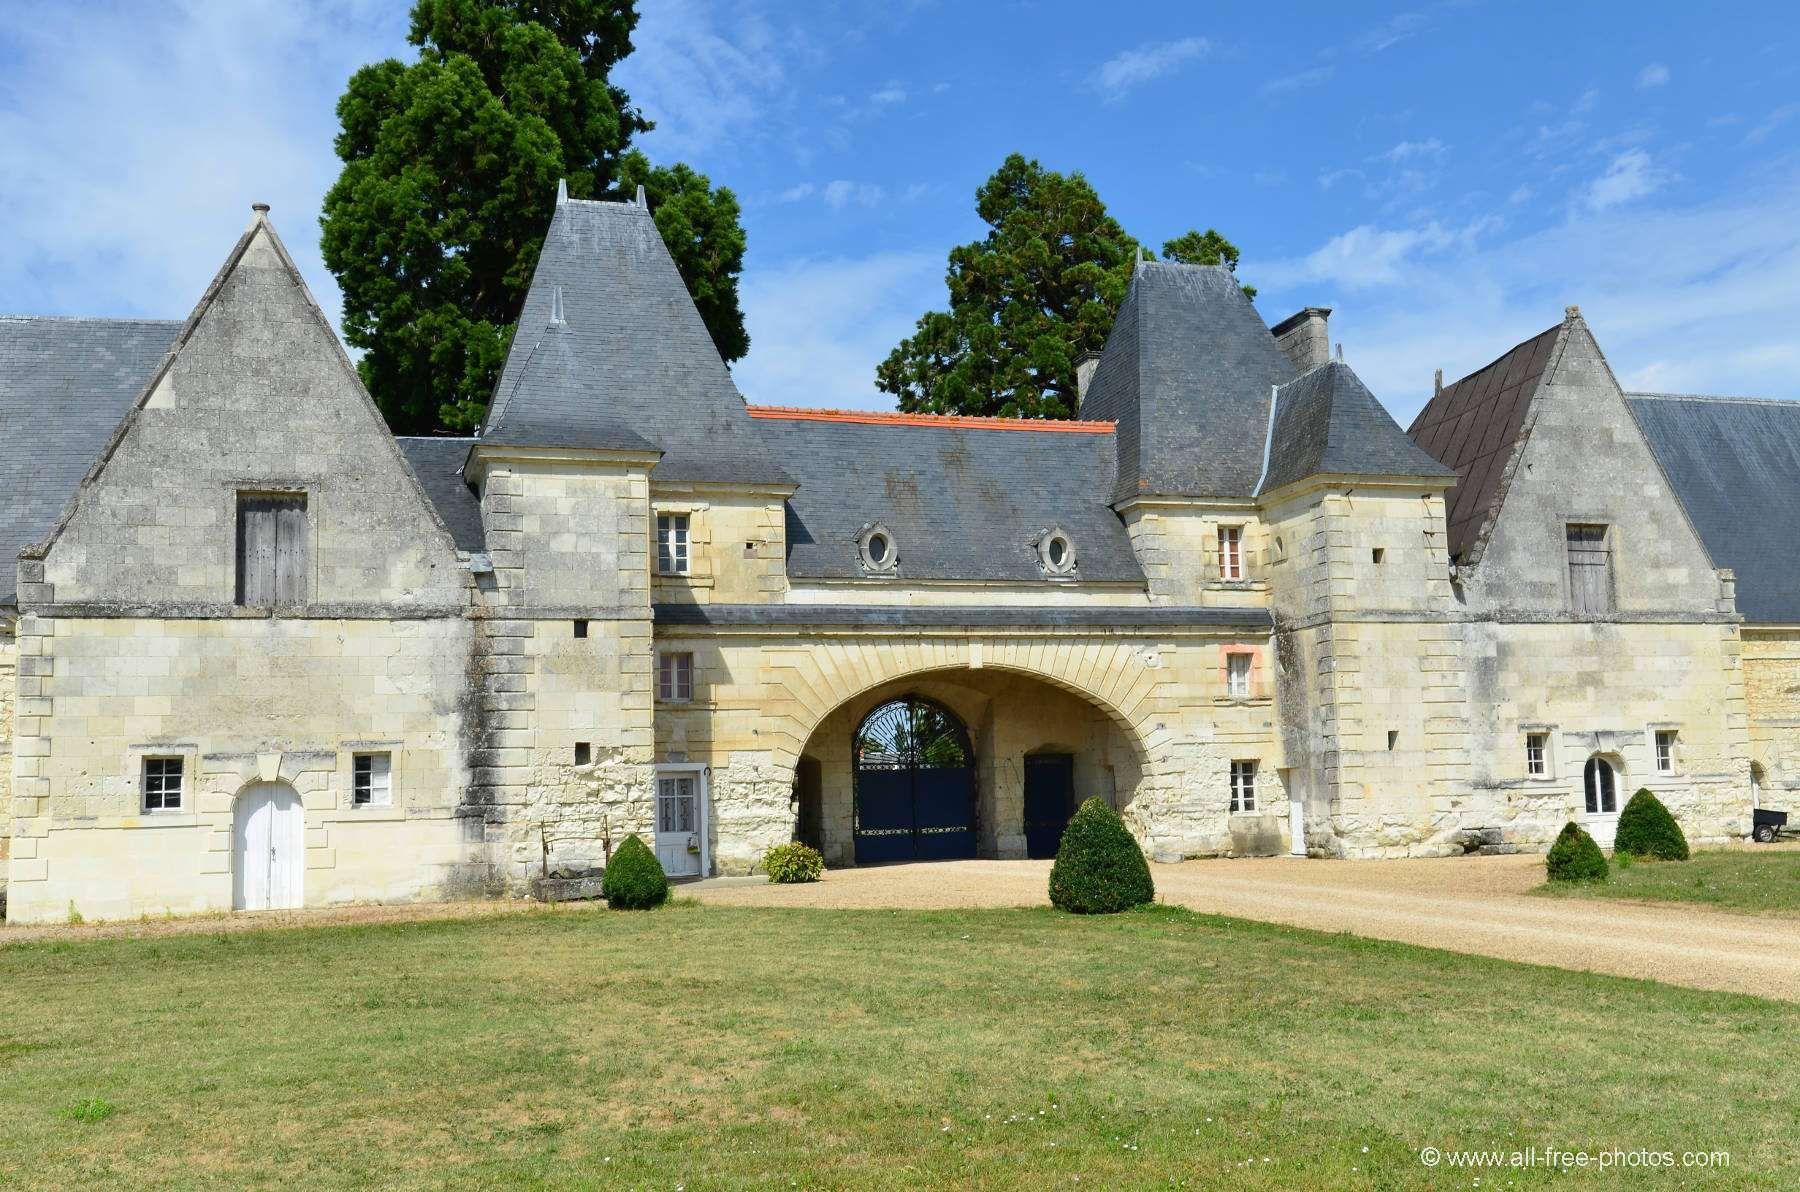 La Maison Du Bois Clairvaux château de scorbé-clairvaux   l'architecture française